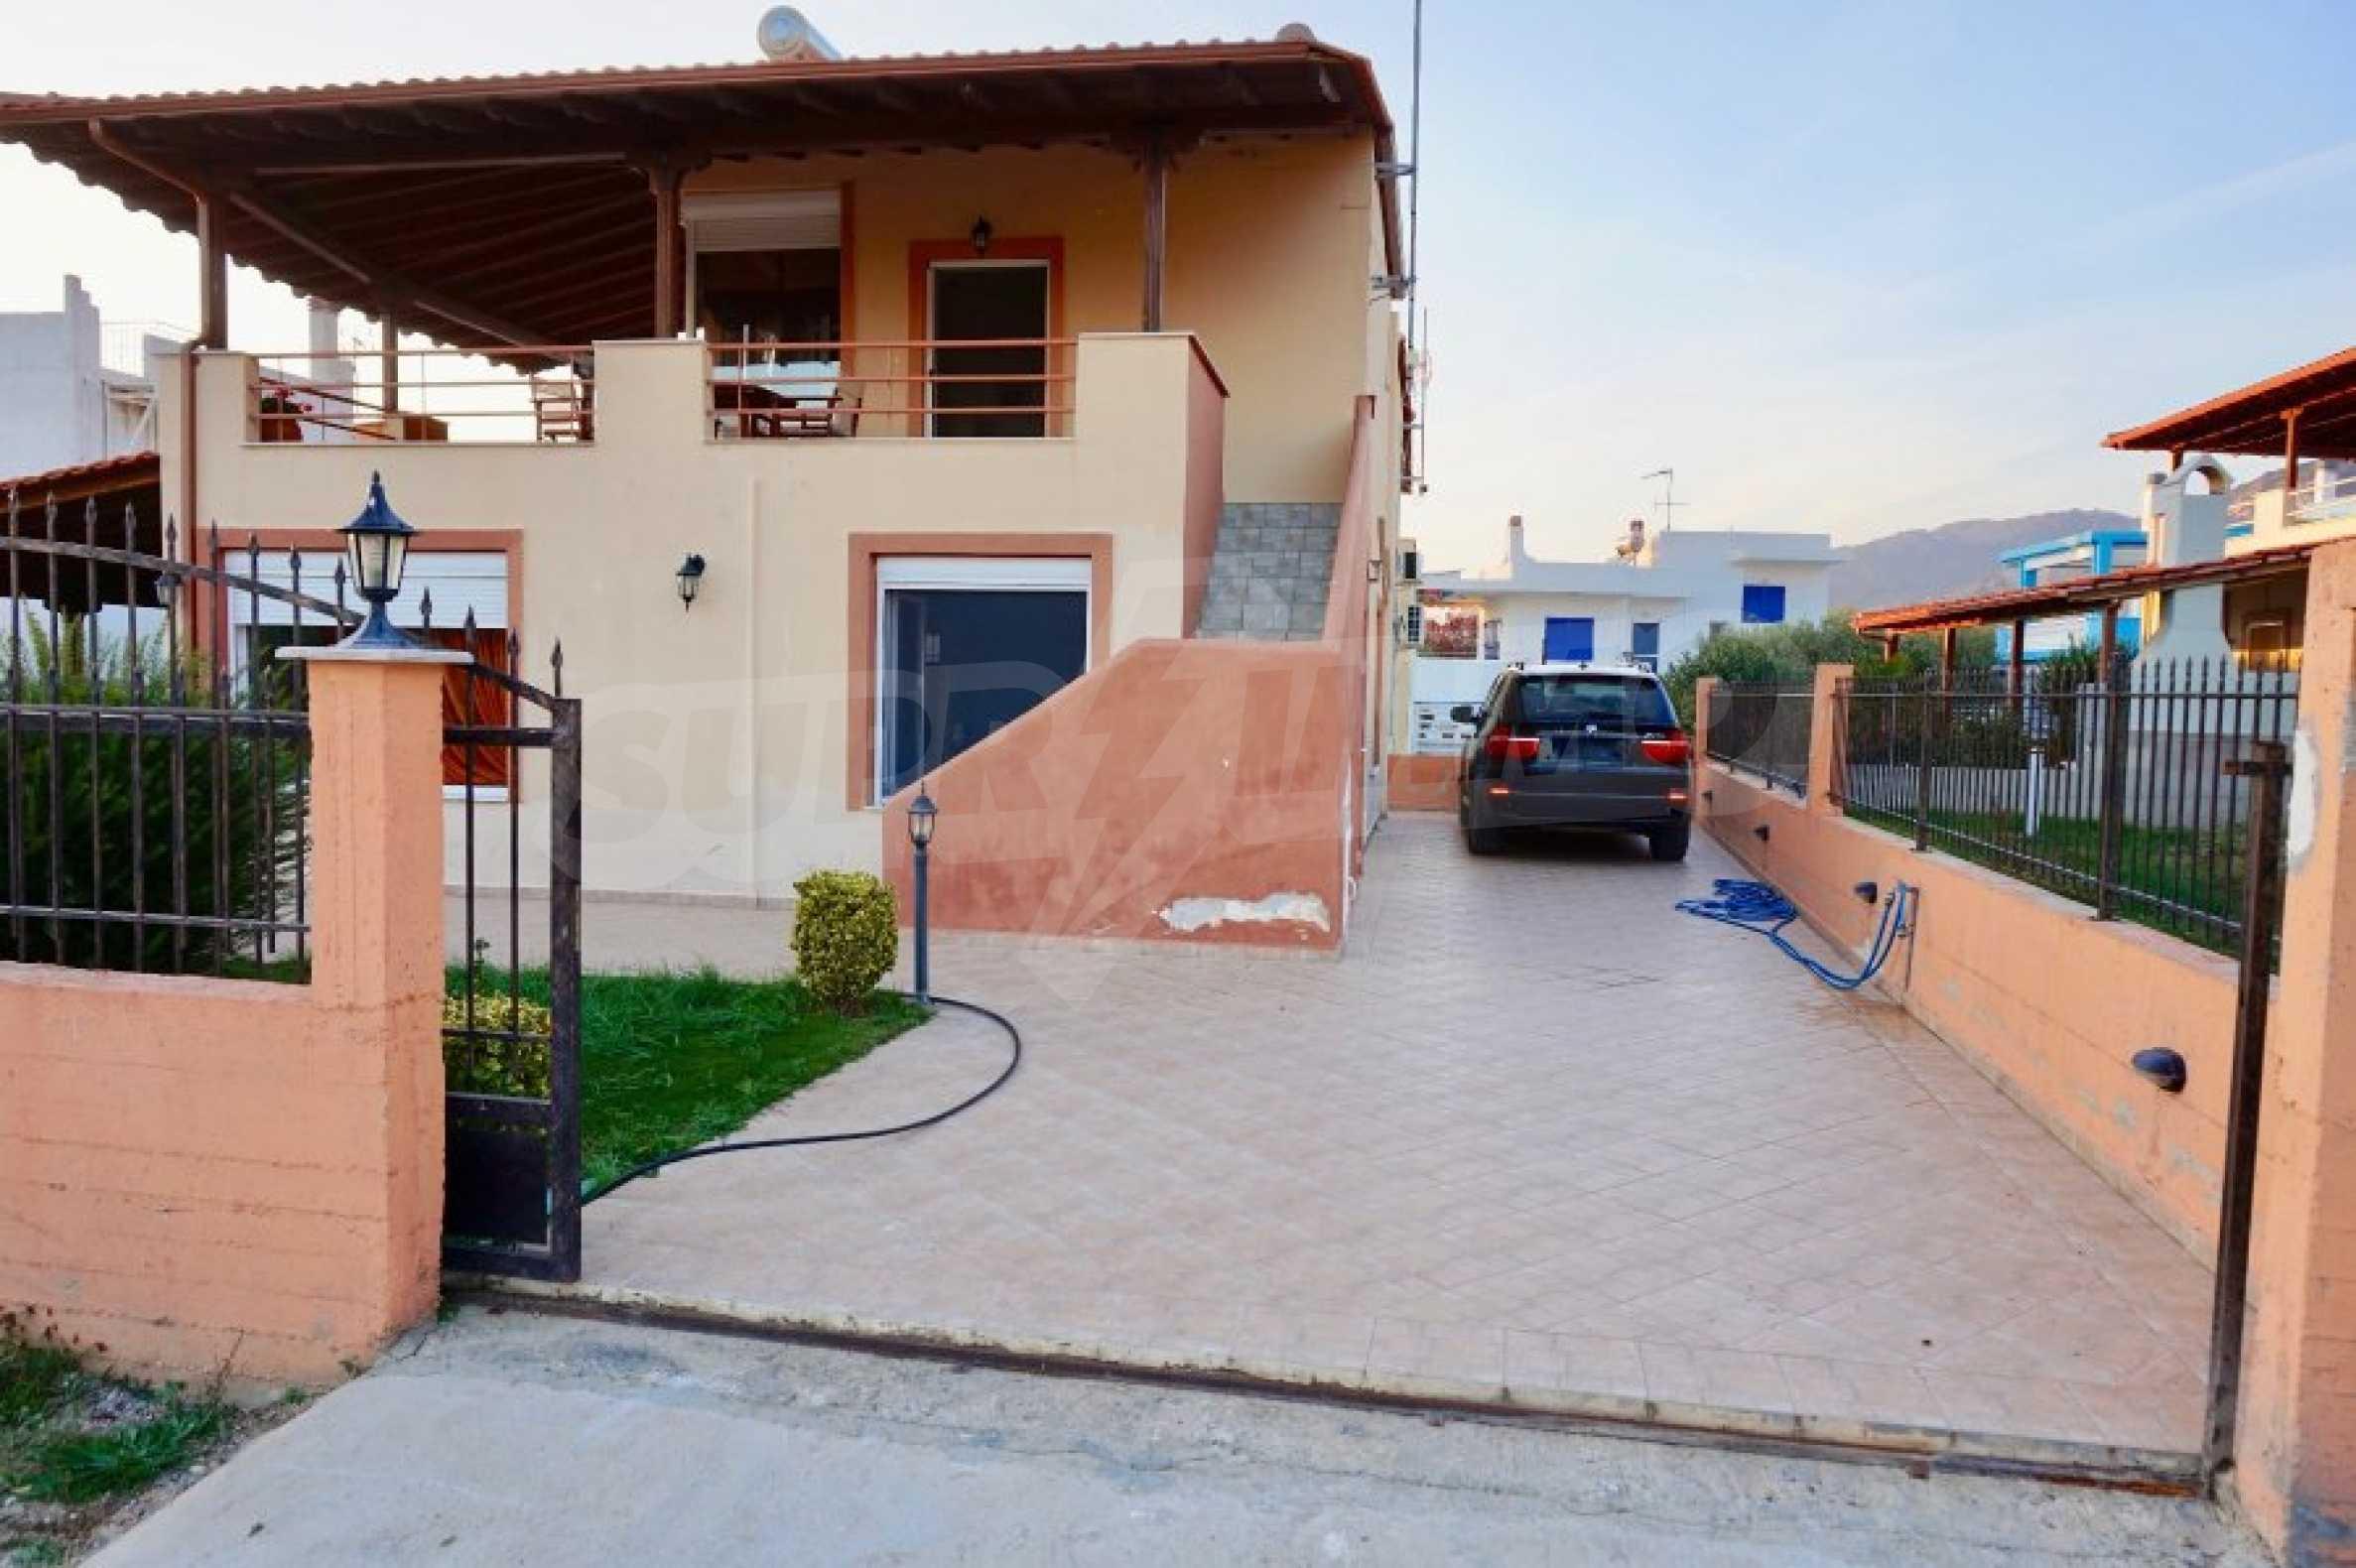 Приветлива къща в Паралия Кариани, Кавала 37